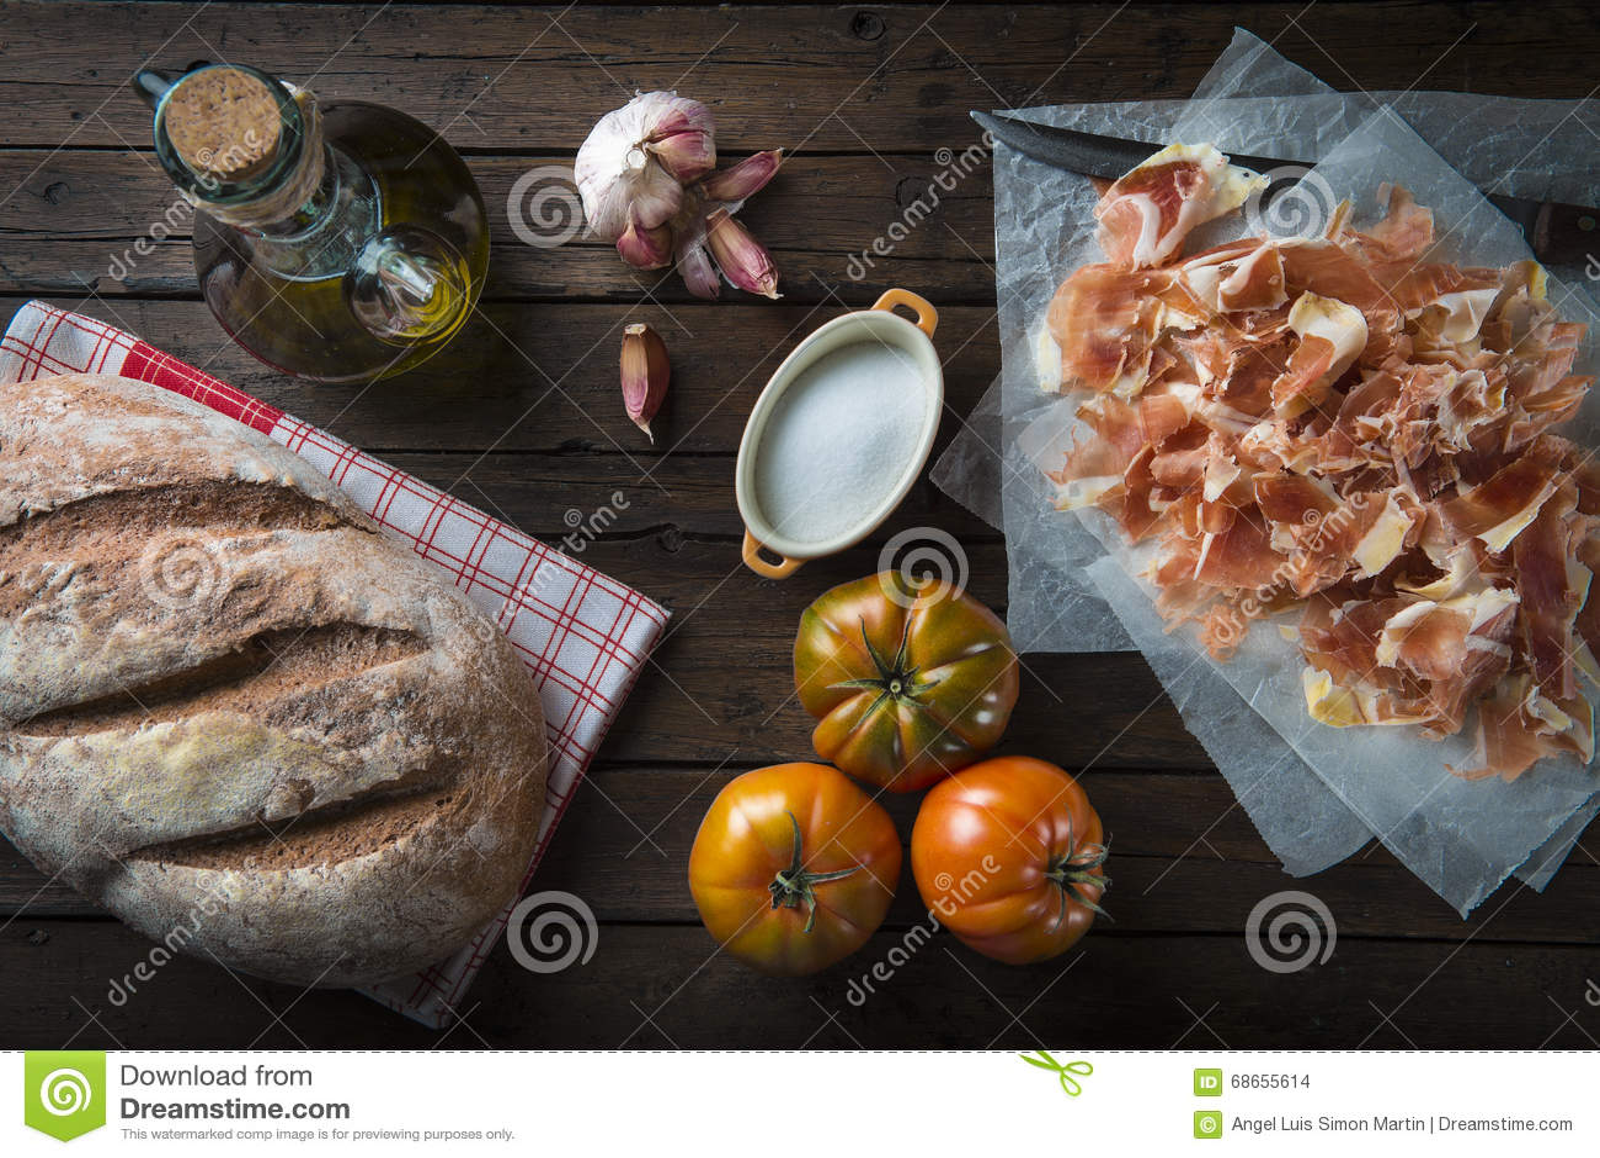 Presunto com pão, tomate, alho e azeite